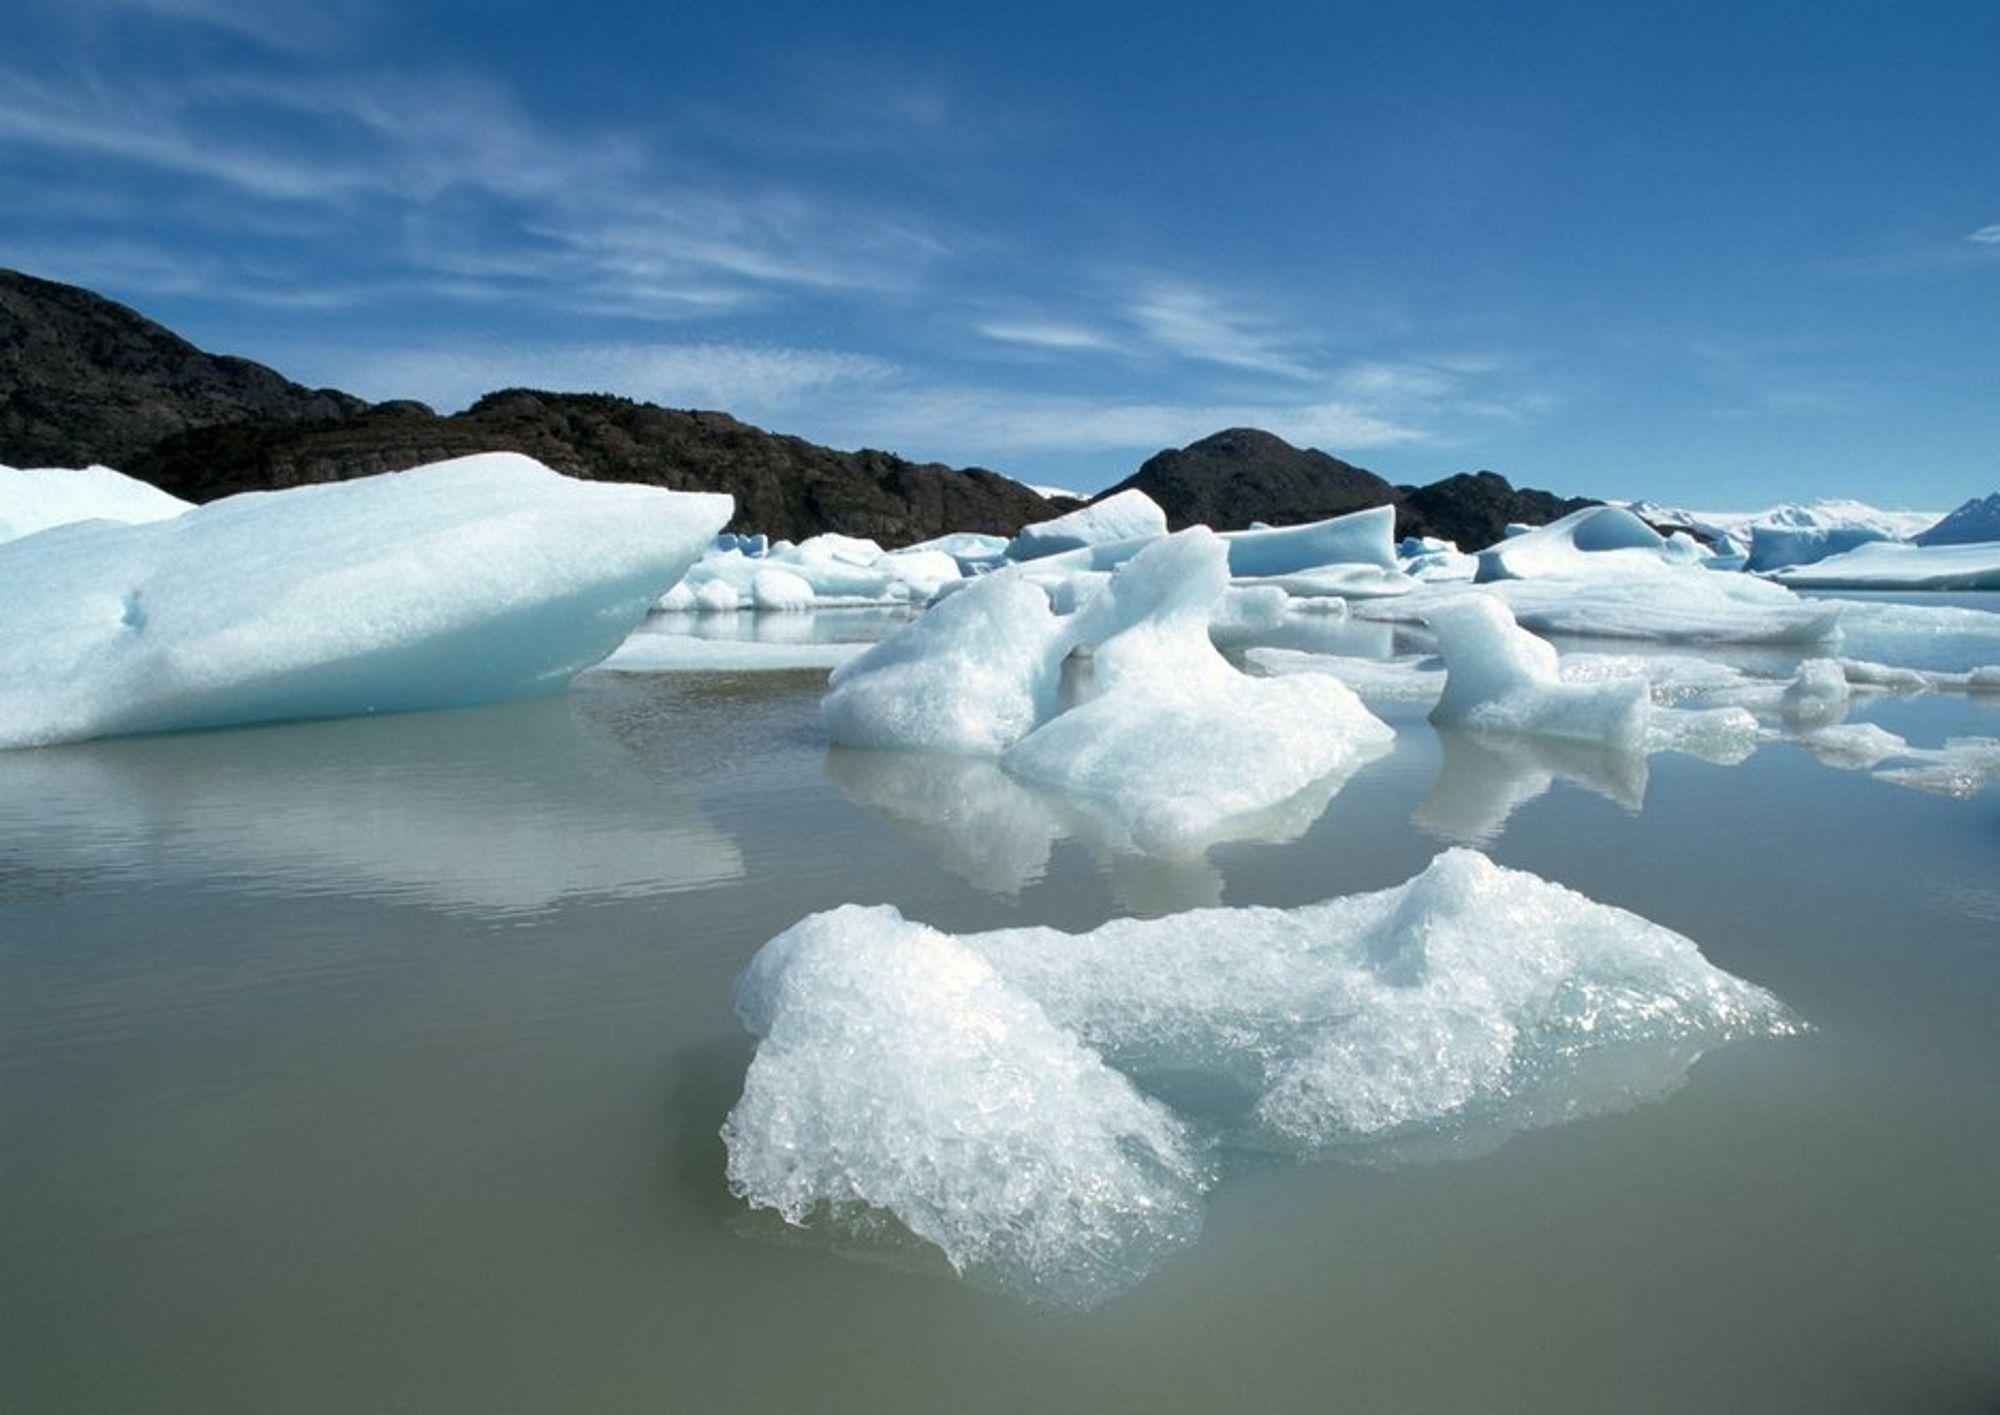 klimaendring, issmelting, temperaturstigning, klima